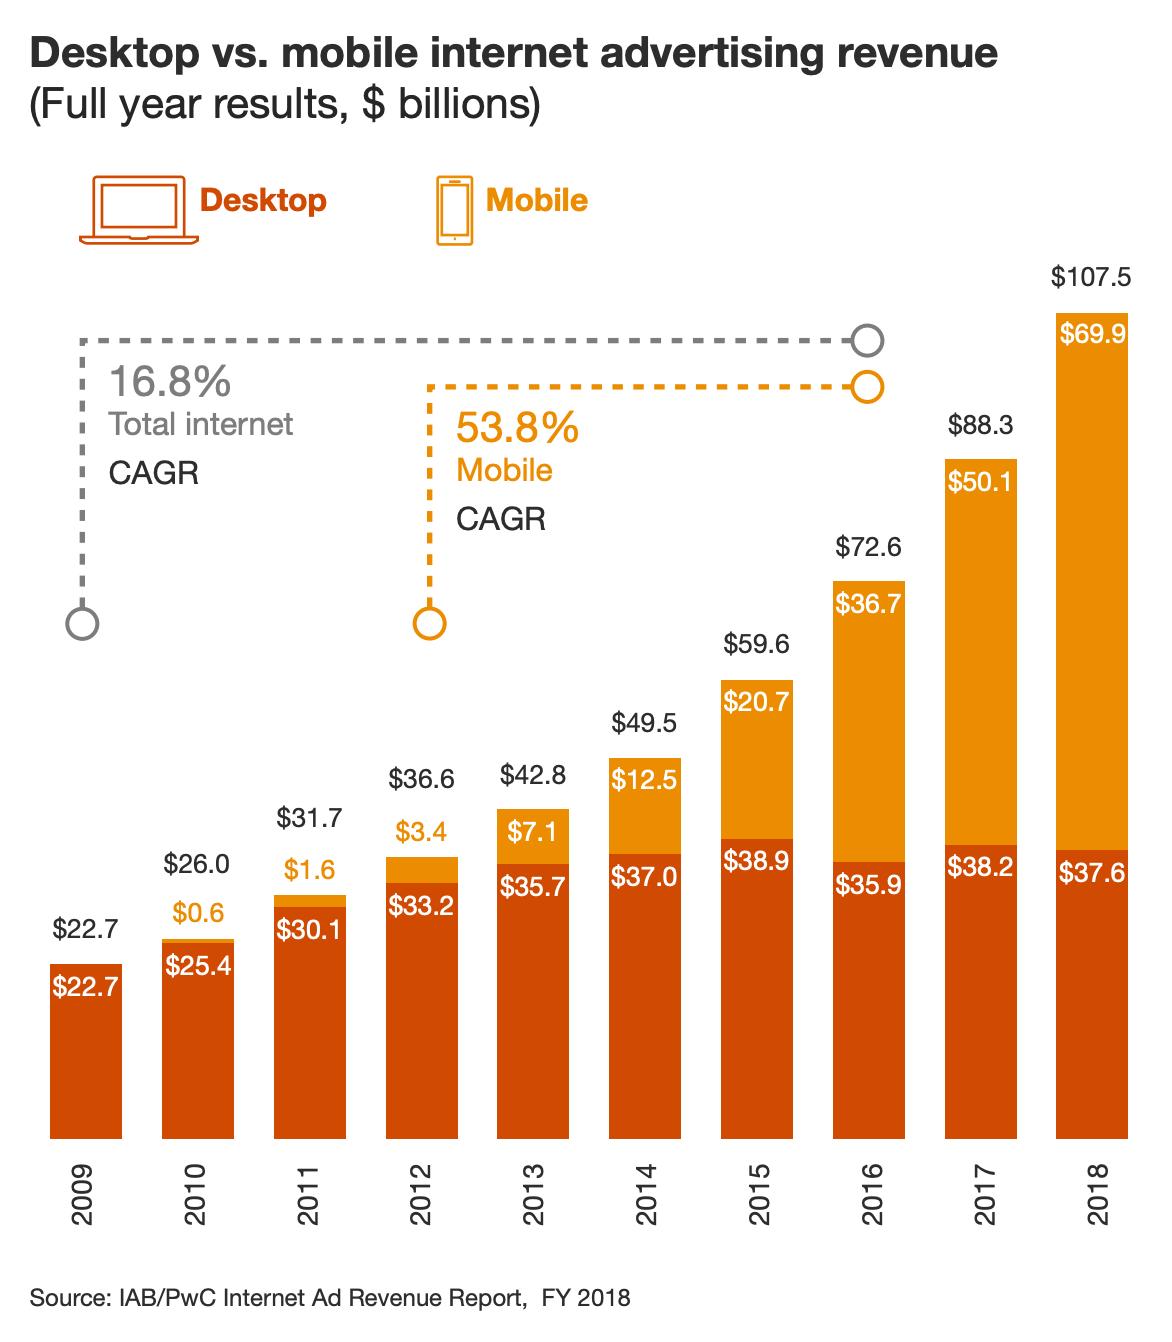 Выручка сектора интернет-рекламы в миллиардах долларов по секторам: темно-оранжевый — ПК (среднегодовые темпы роста — 16,8% в год), желтый — мобильные устройства (среднегодовые темпы роста — 53,8% в год). Источник: исследование PWC, стр.8 (10)